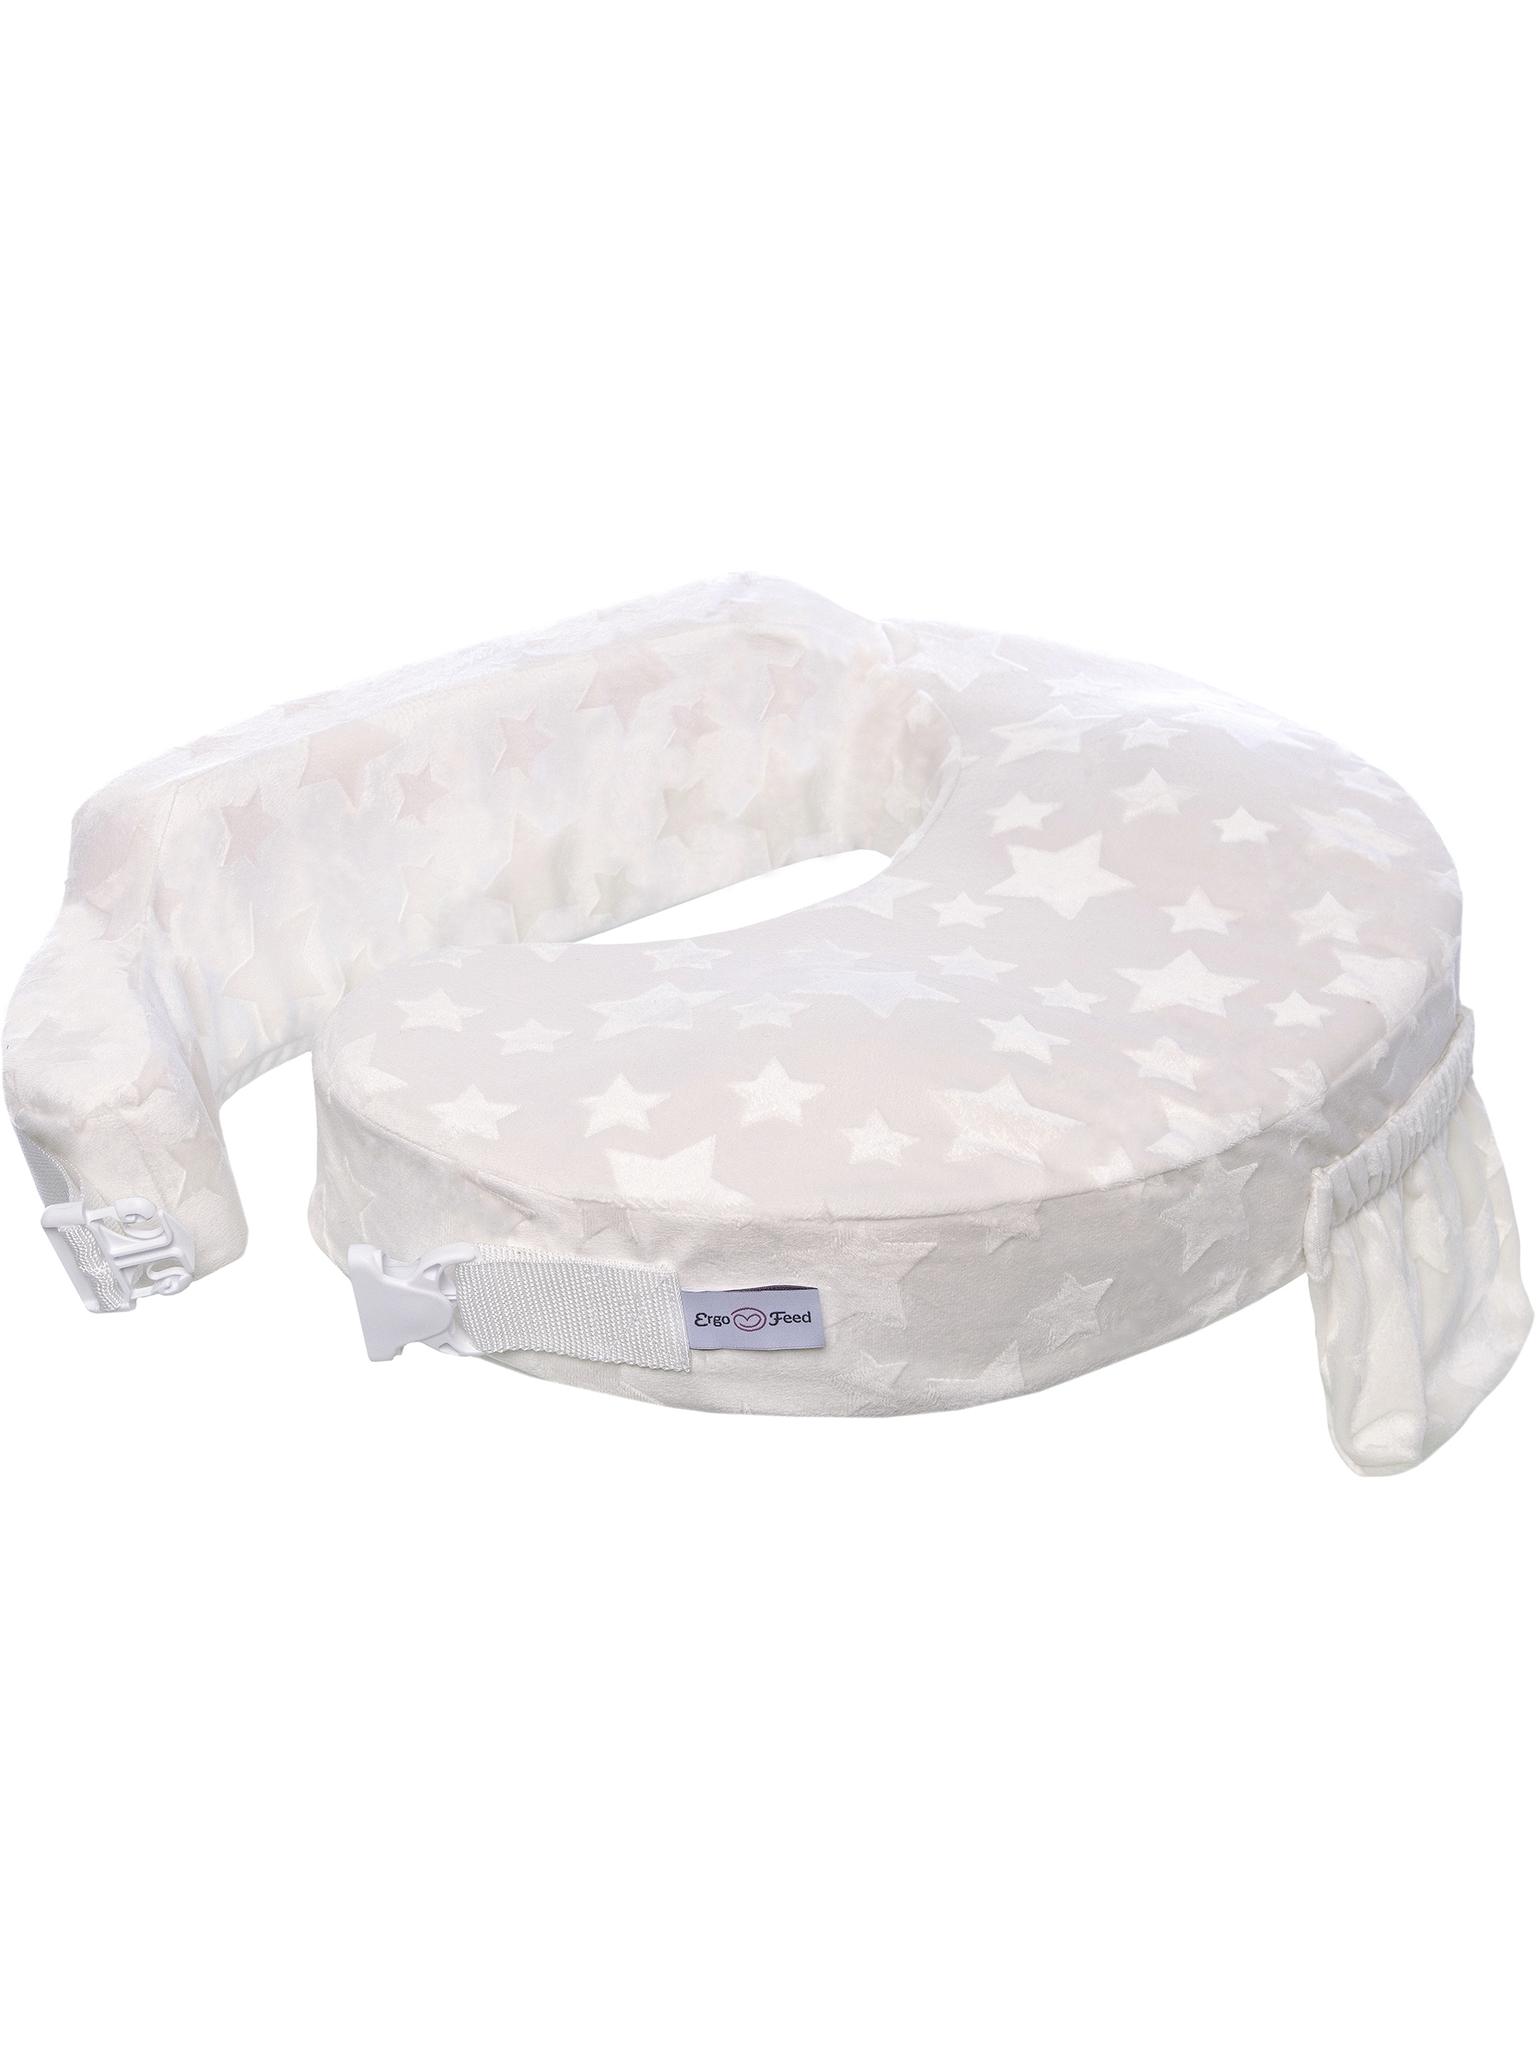 Подушка для кормления эргономичная ErgoFeed Звезды, молочный